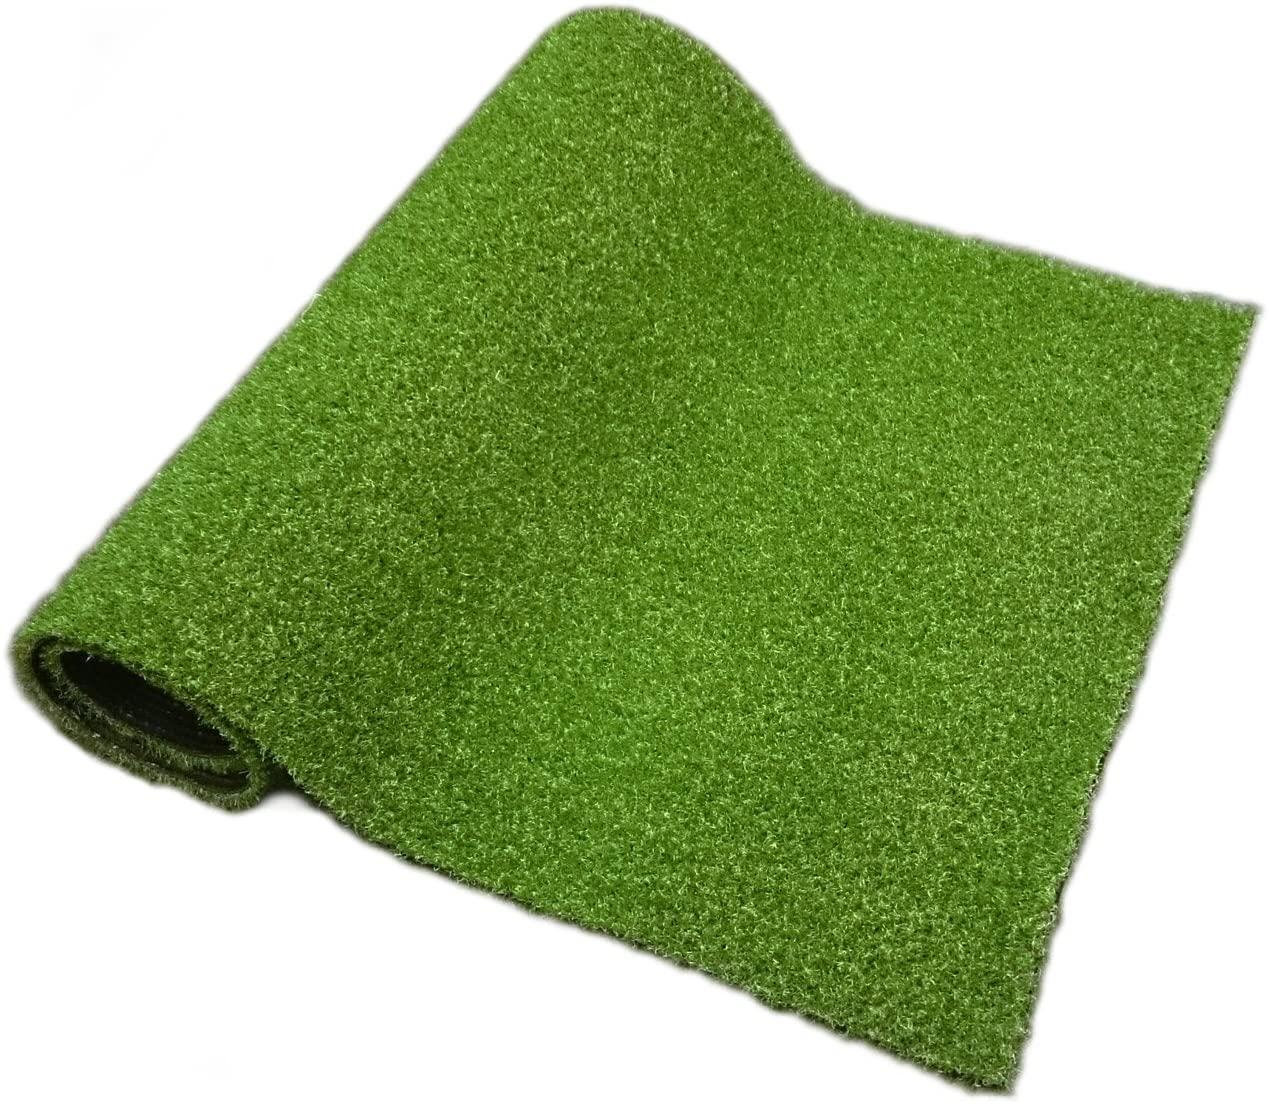 人工芝のおすすめ15選!敷きやすいロールタイプも